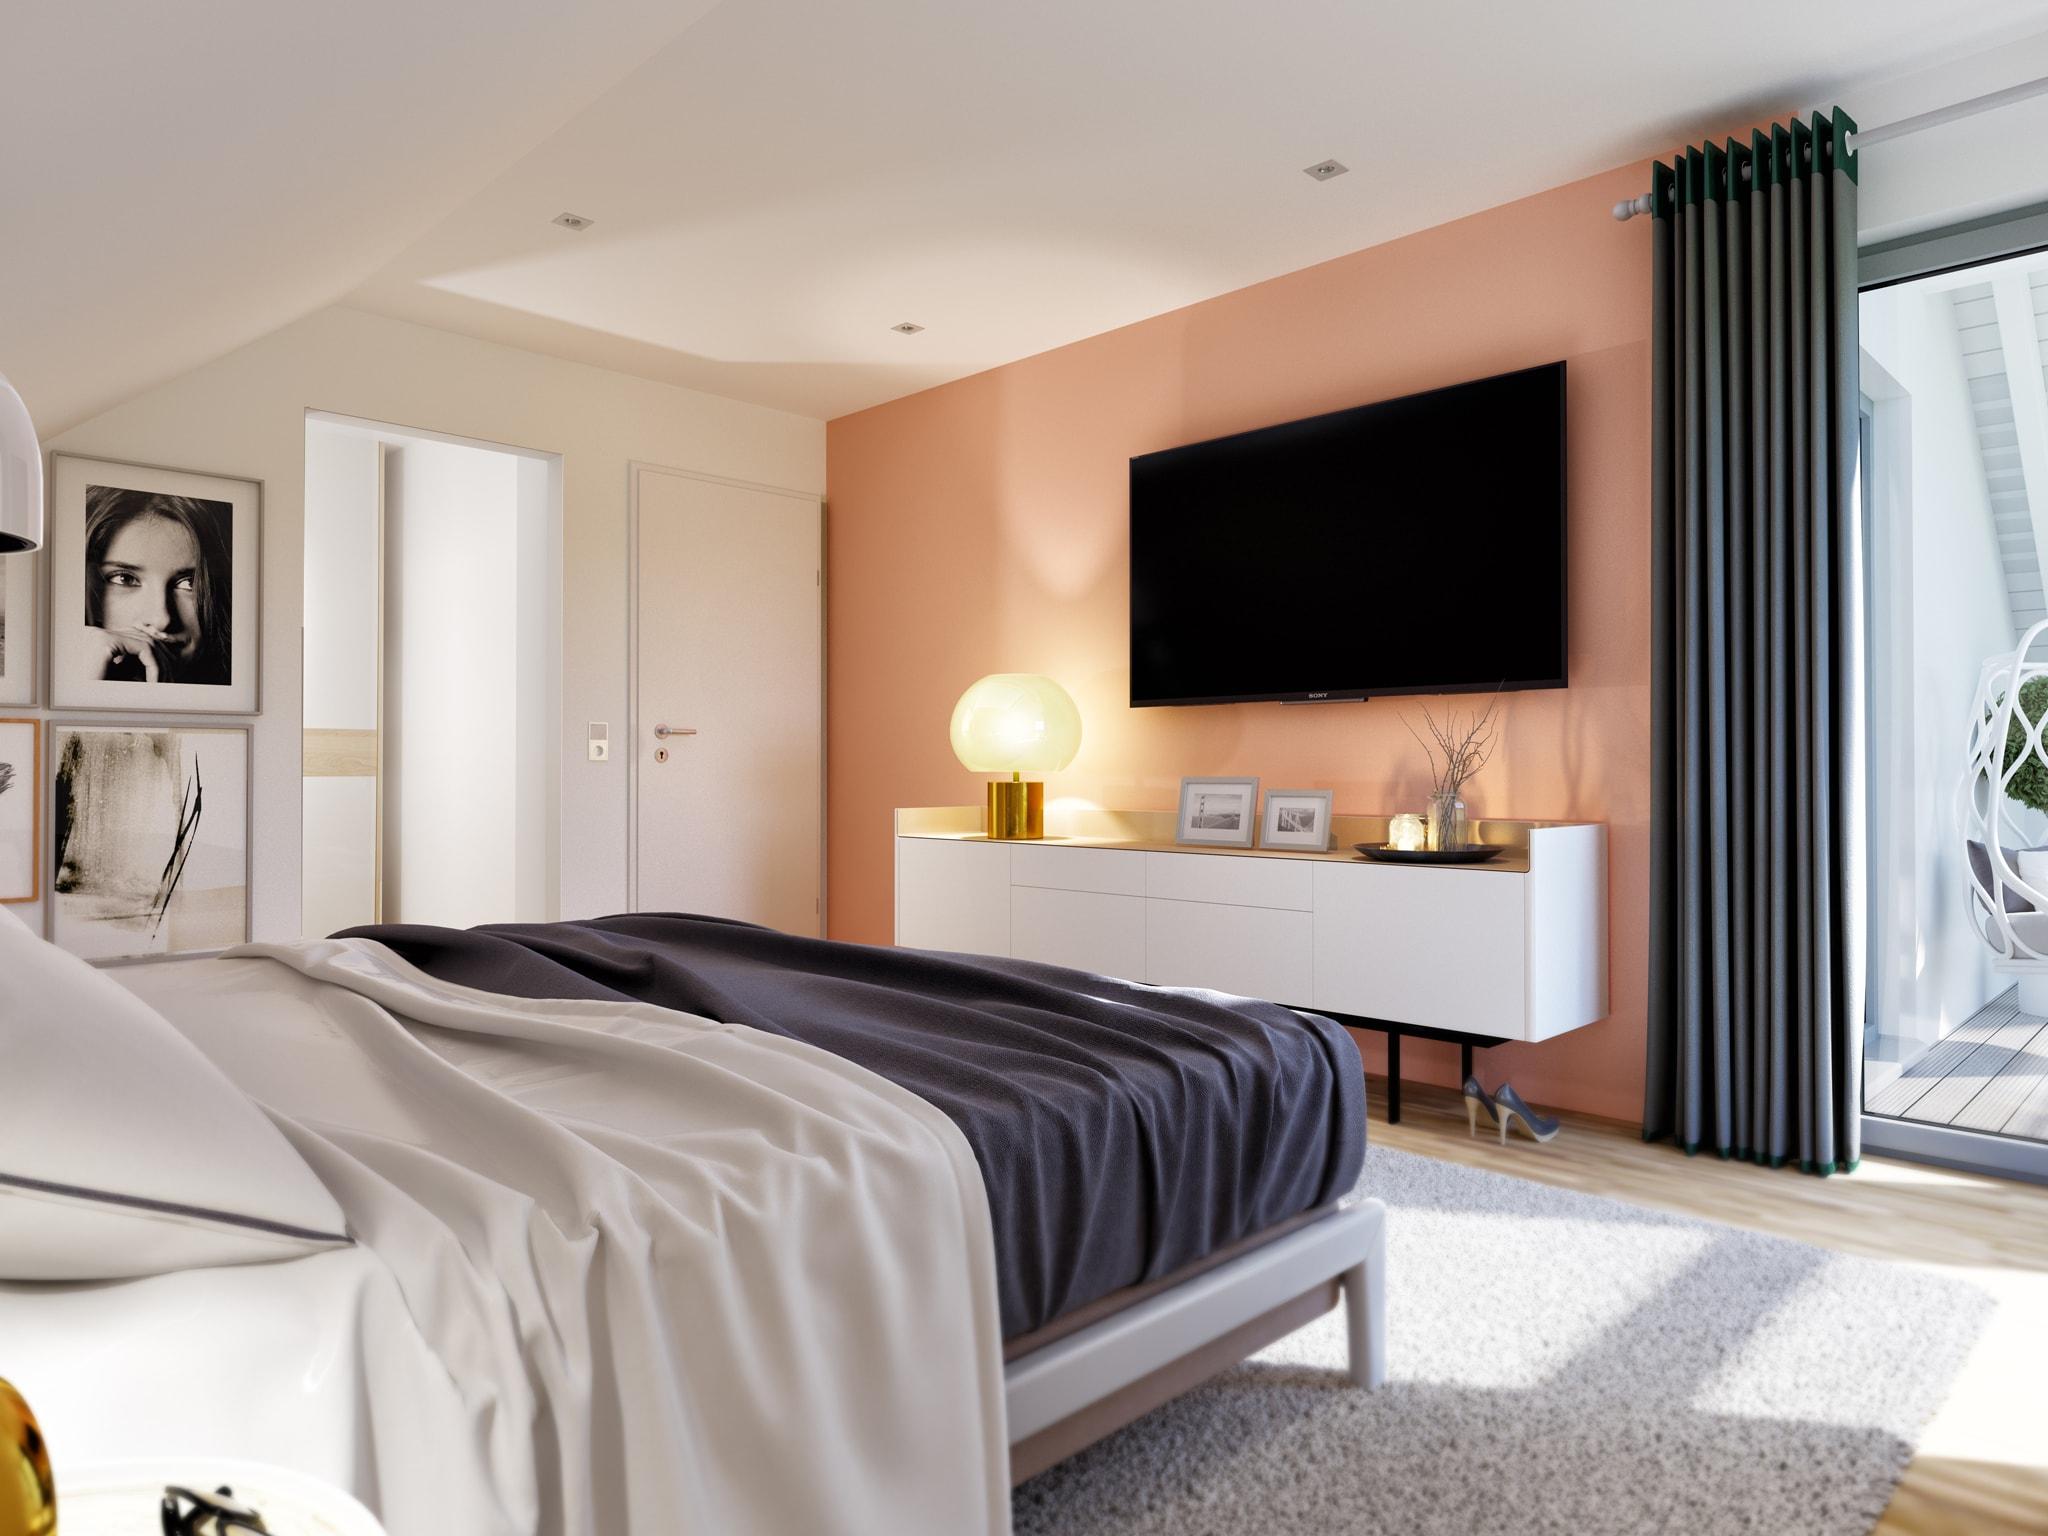 Schlafzimmer mit Dachschräge - Einfamilienhaus Inneneinrichtung Ideen modern Living Haus Fertighaus SUNSHINE 143 V5 - HausbauDirekt.de